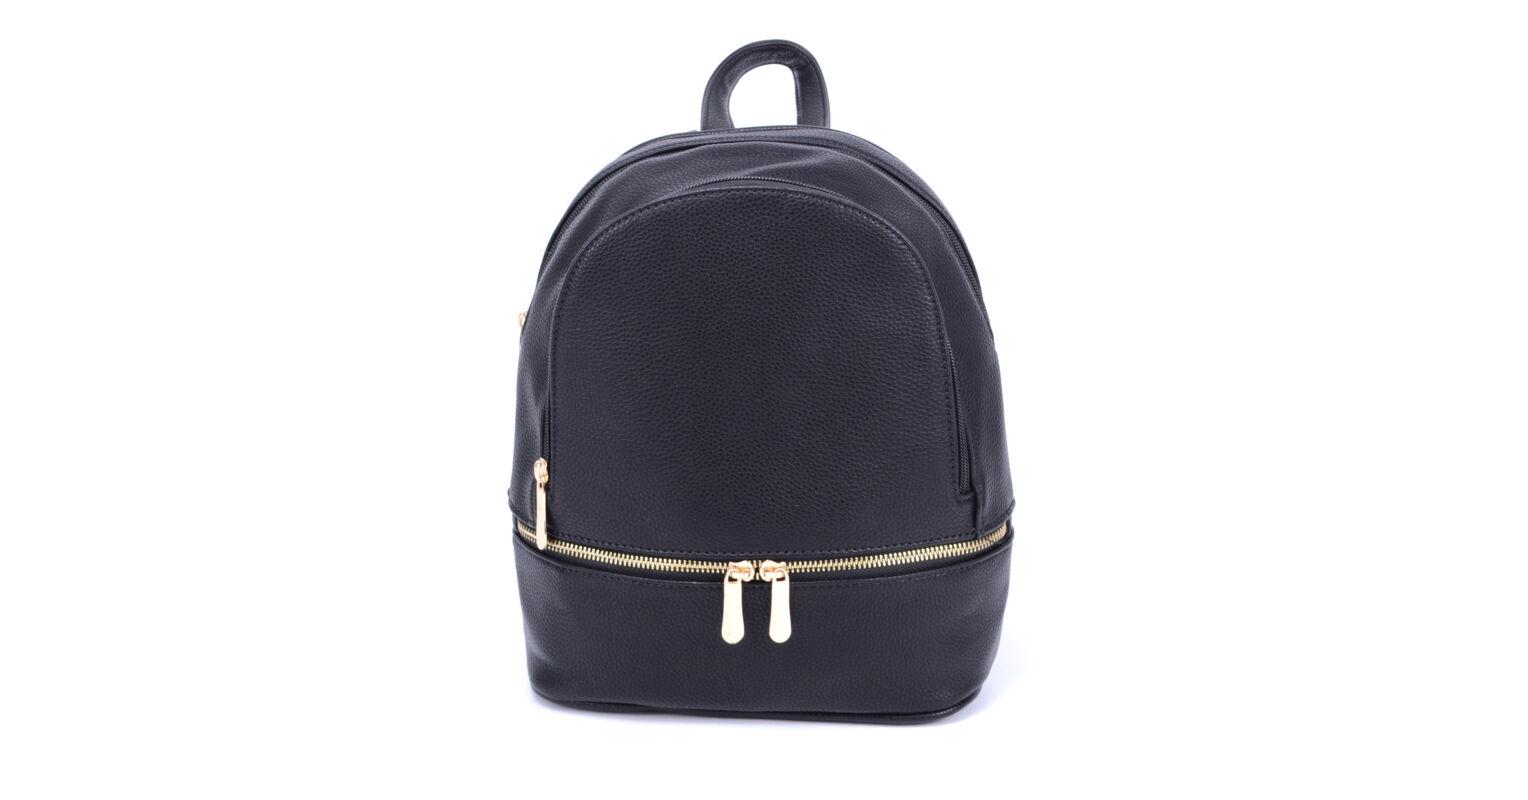 843c39ef2e80 Mac Queen Fekete Dupla zsebes közepes Női Műbőr Hátizsák - Műbőr - Táska  webáruház - Minőségi táskák mindenkinek